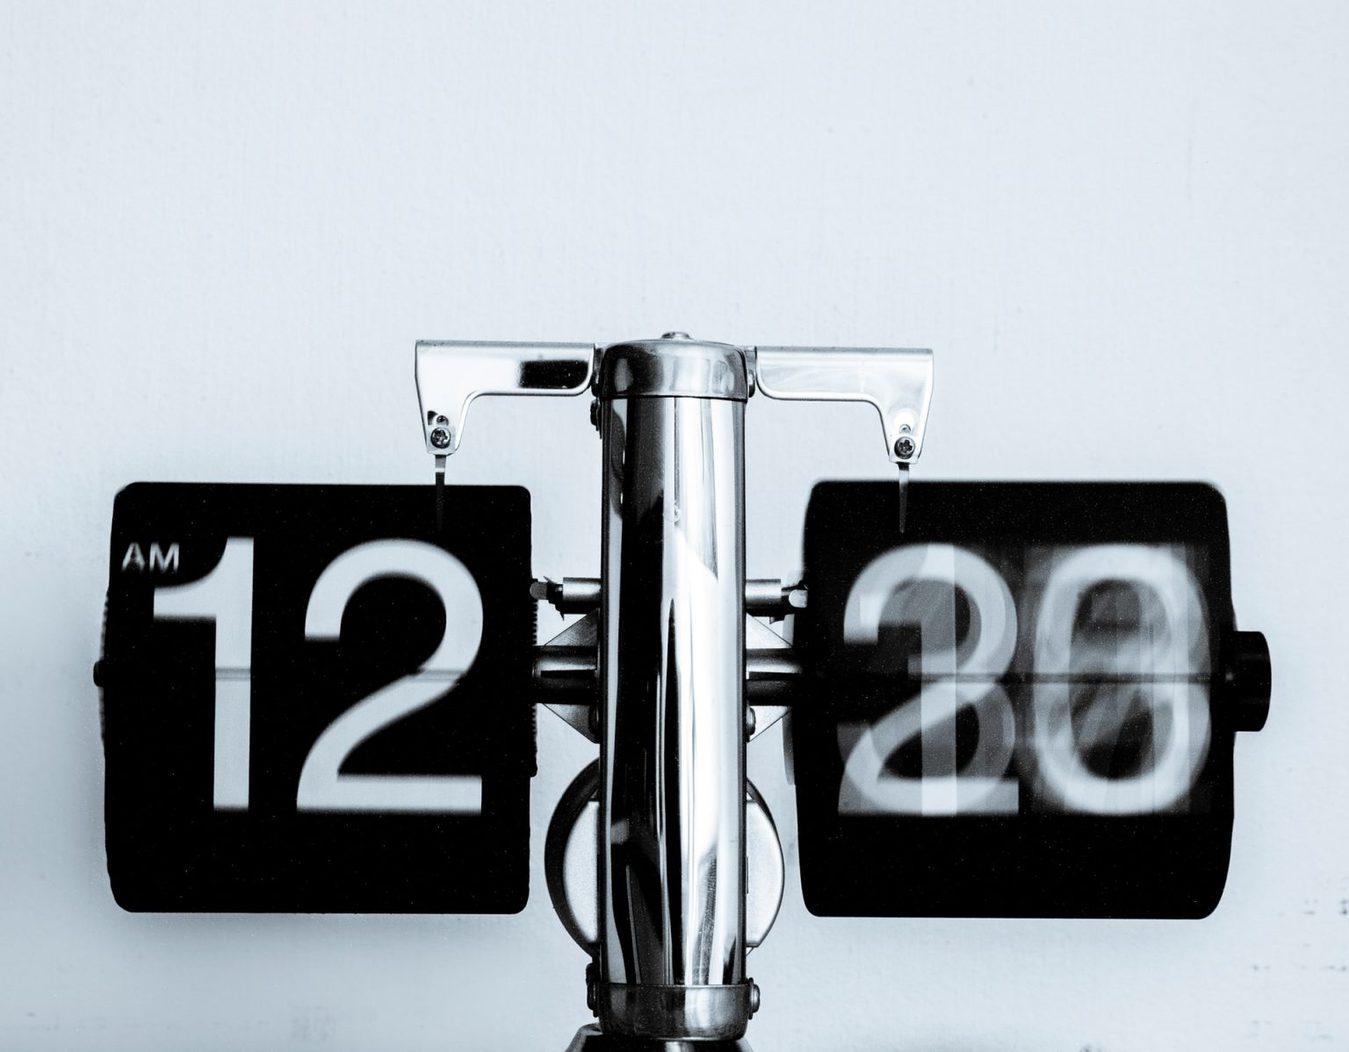 Relógio analógico em preto e branco